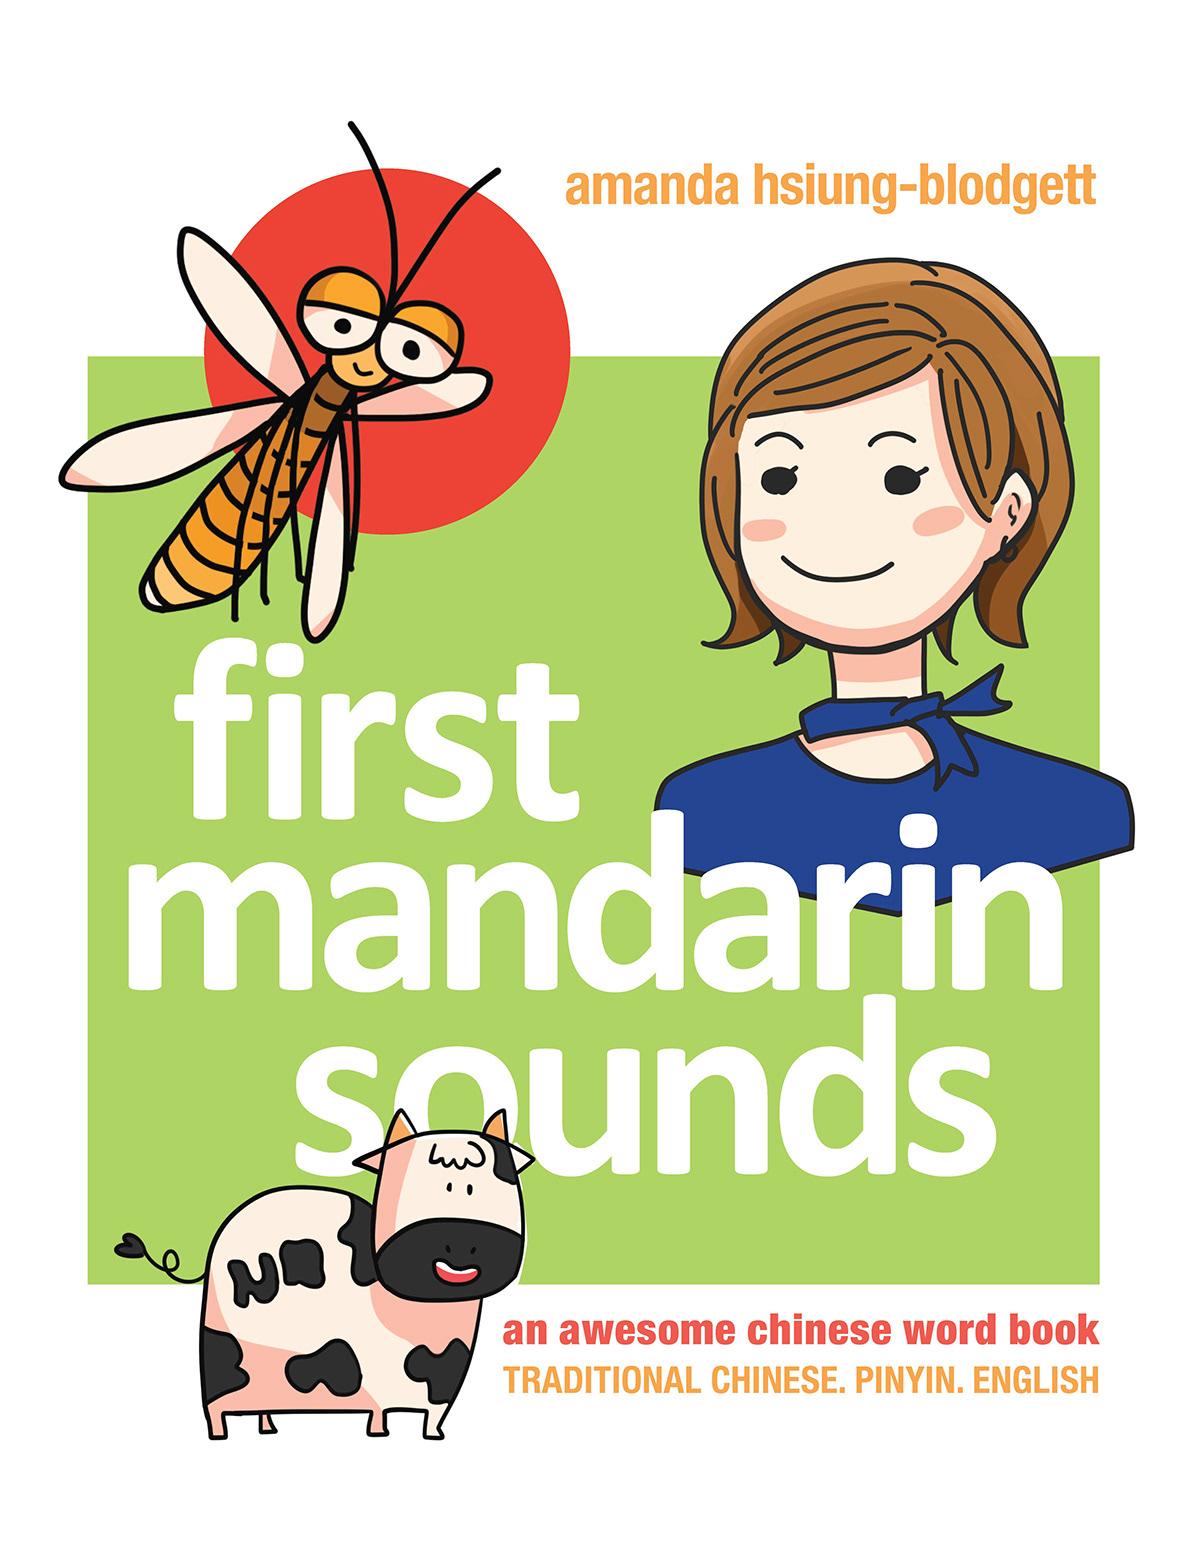 Amanda Hsiung-Blodgett children's book cover chinese word book Mandarin Chinese